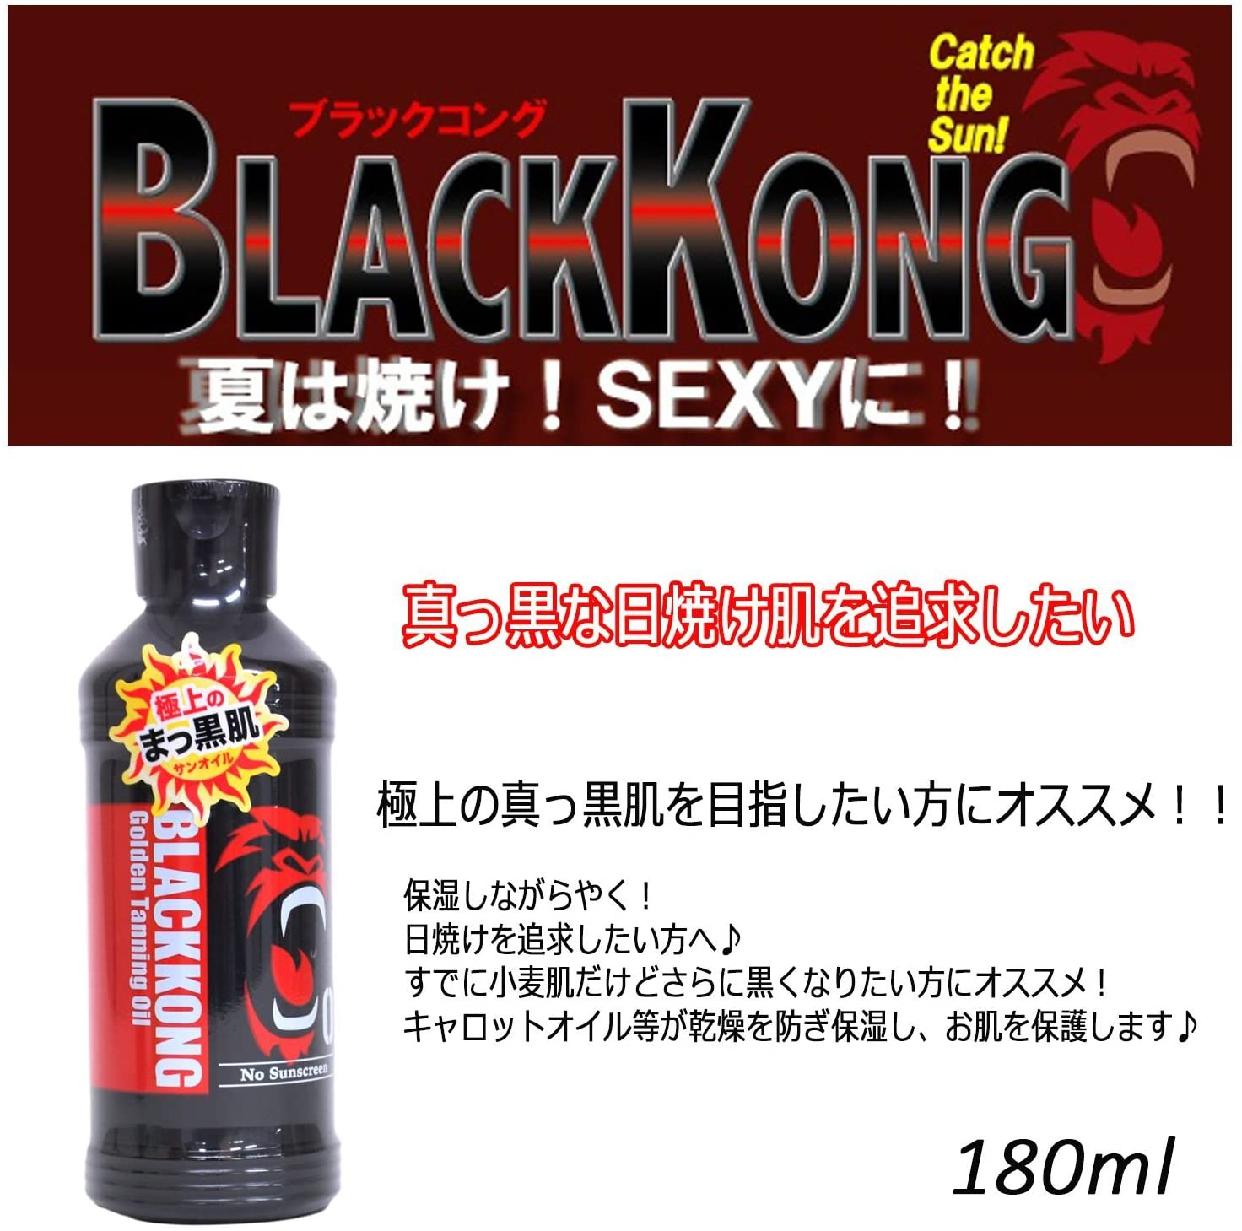 BLACK KONG(ブラックコング)ゴールデン タンニングオイルの商品画像3